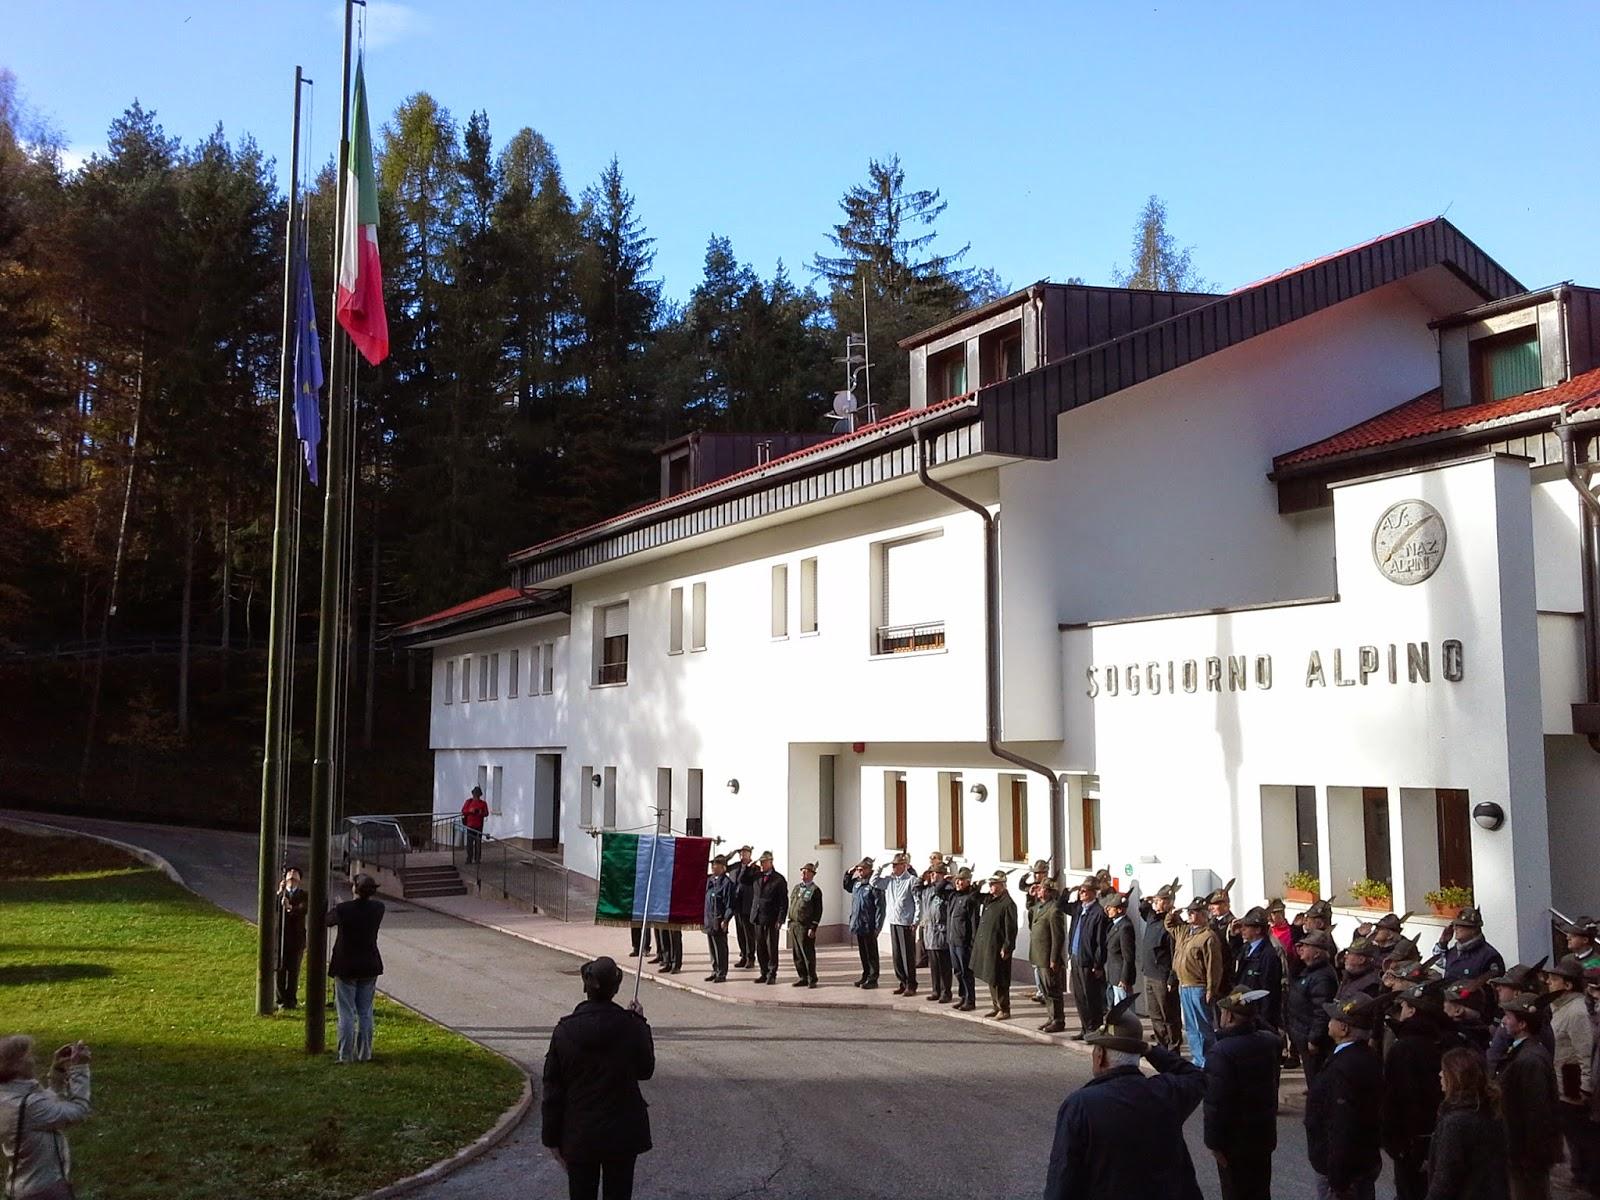 Ana la spezia riuniti a costalovara i referenti del for Soggiorno alpino costalovara